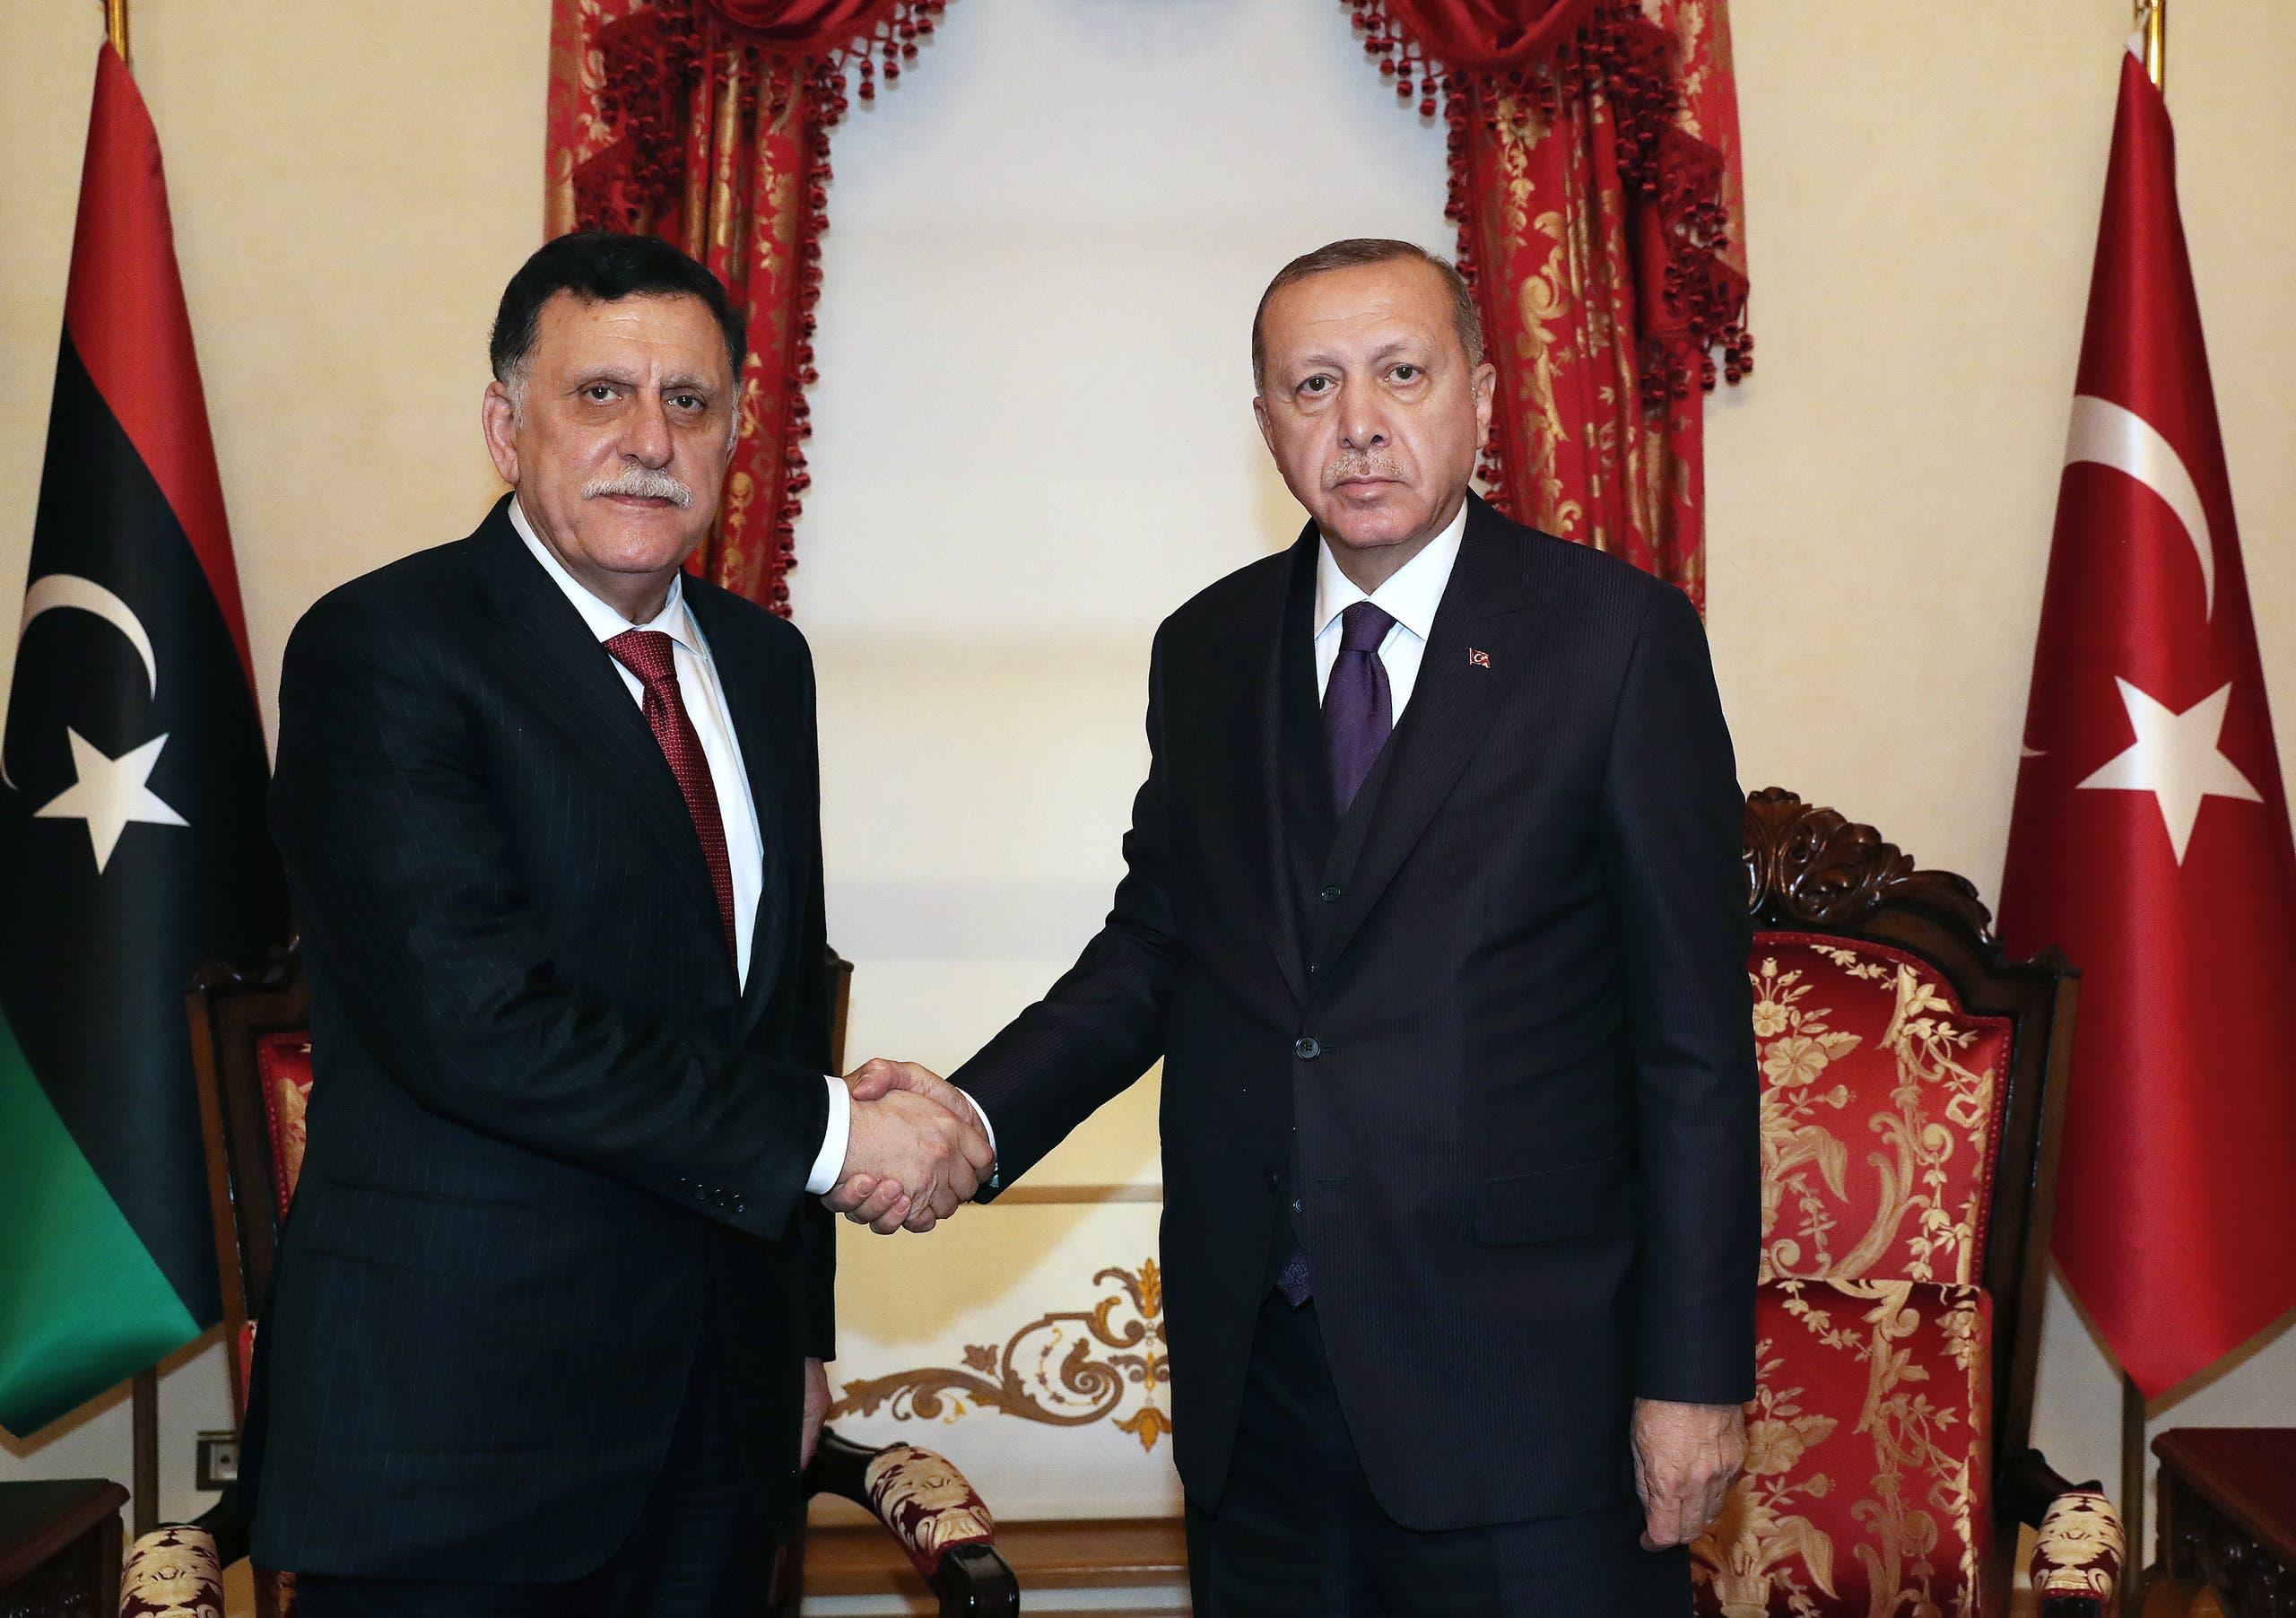 الرئيس التركي رجب طيب أردوغان ورئيس حكومة الوفاق فائز السراج - أرشيفية